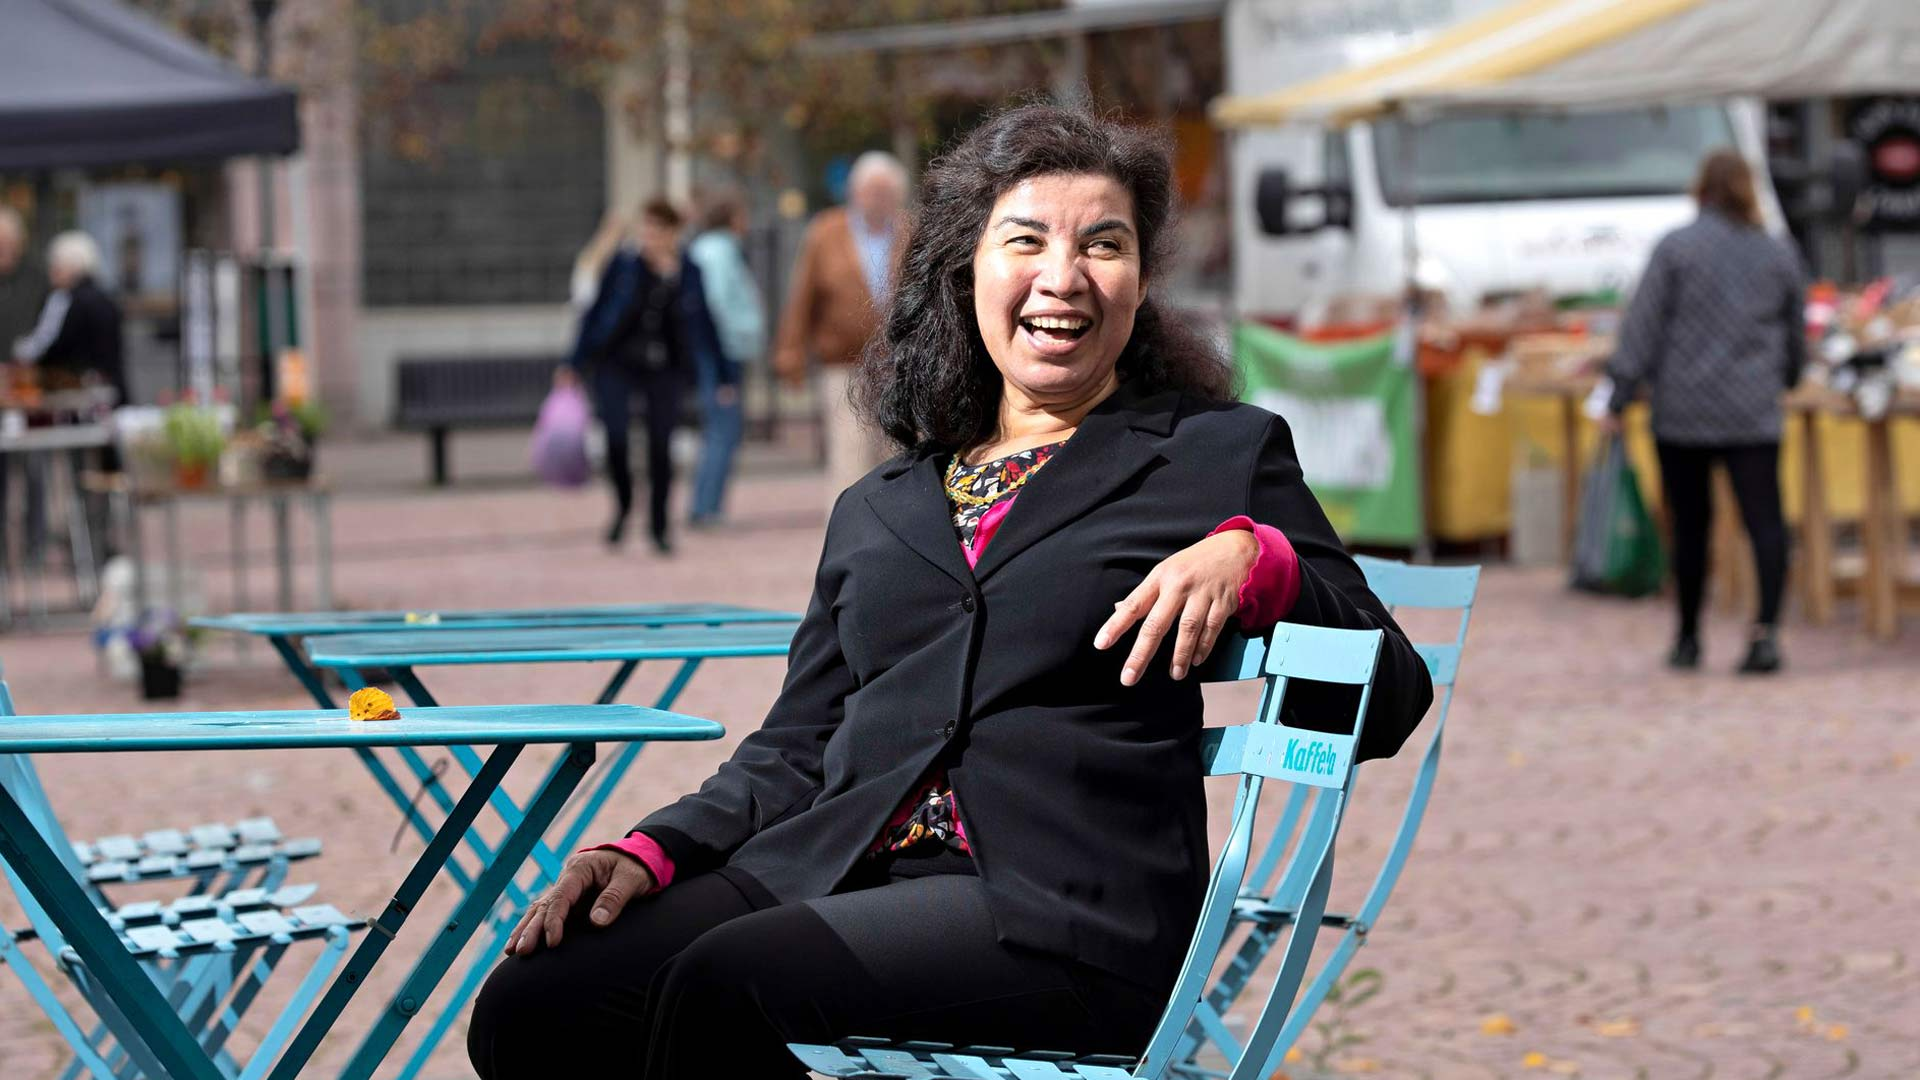 """""""Monista on aivan sietämätöntä, että maahanmuuttajanainen julkeaa tuoda mielipiteitään esille. Jätän vihapuheen omaan arvoonsa! Suomessa ei ole isäntiä eikä renkejä, olemme kaikki samalla viivalla"""", Ana Maria Gutierrez Sorainen huomauttaa."""